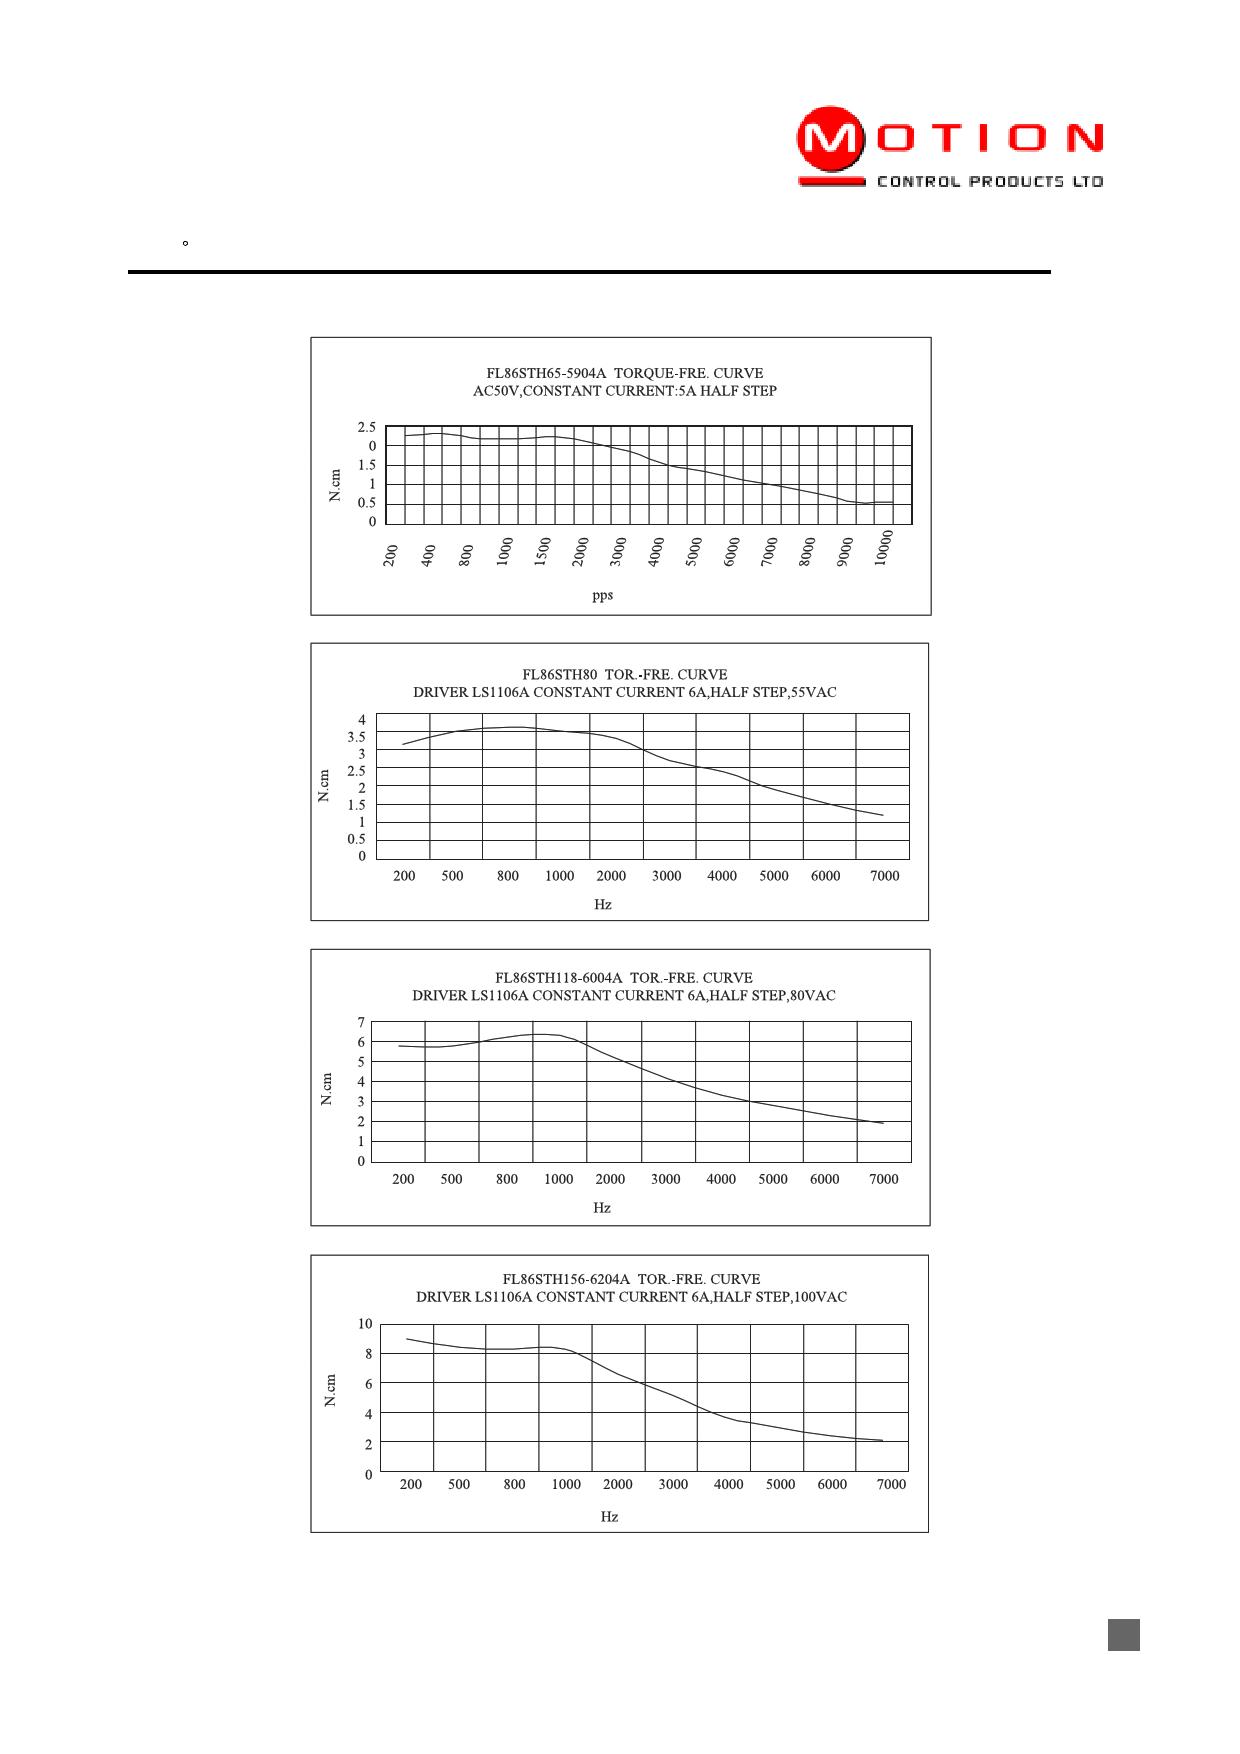 FL86STH65-4206A pdf, 電子部品, 半導体, ピン配列